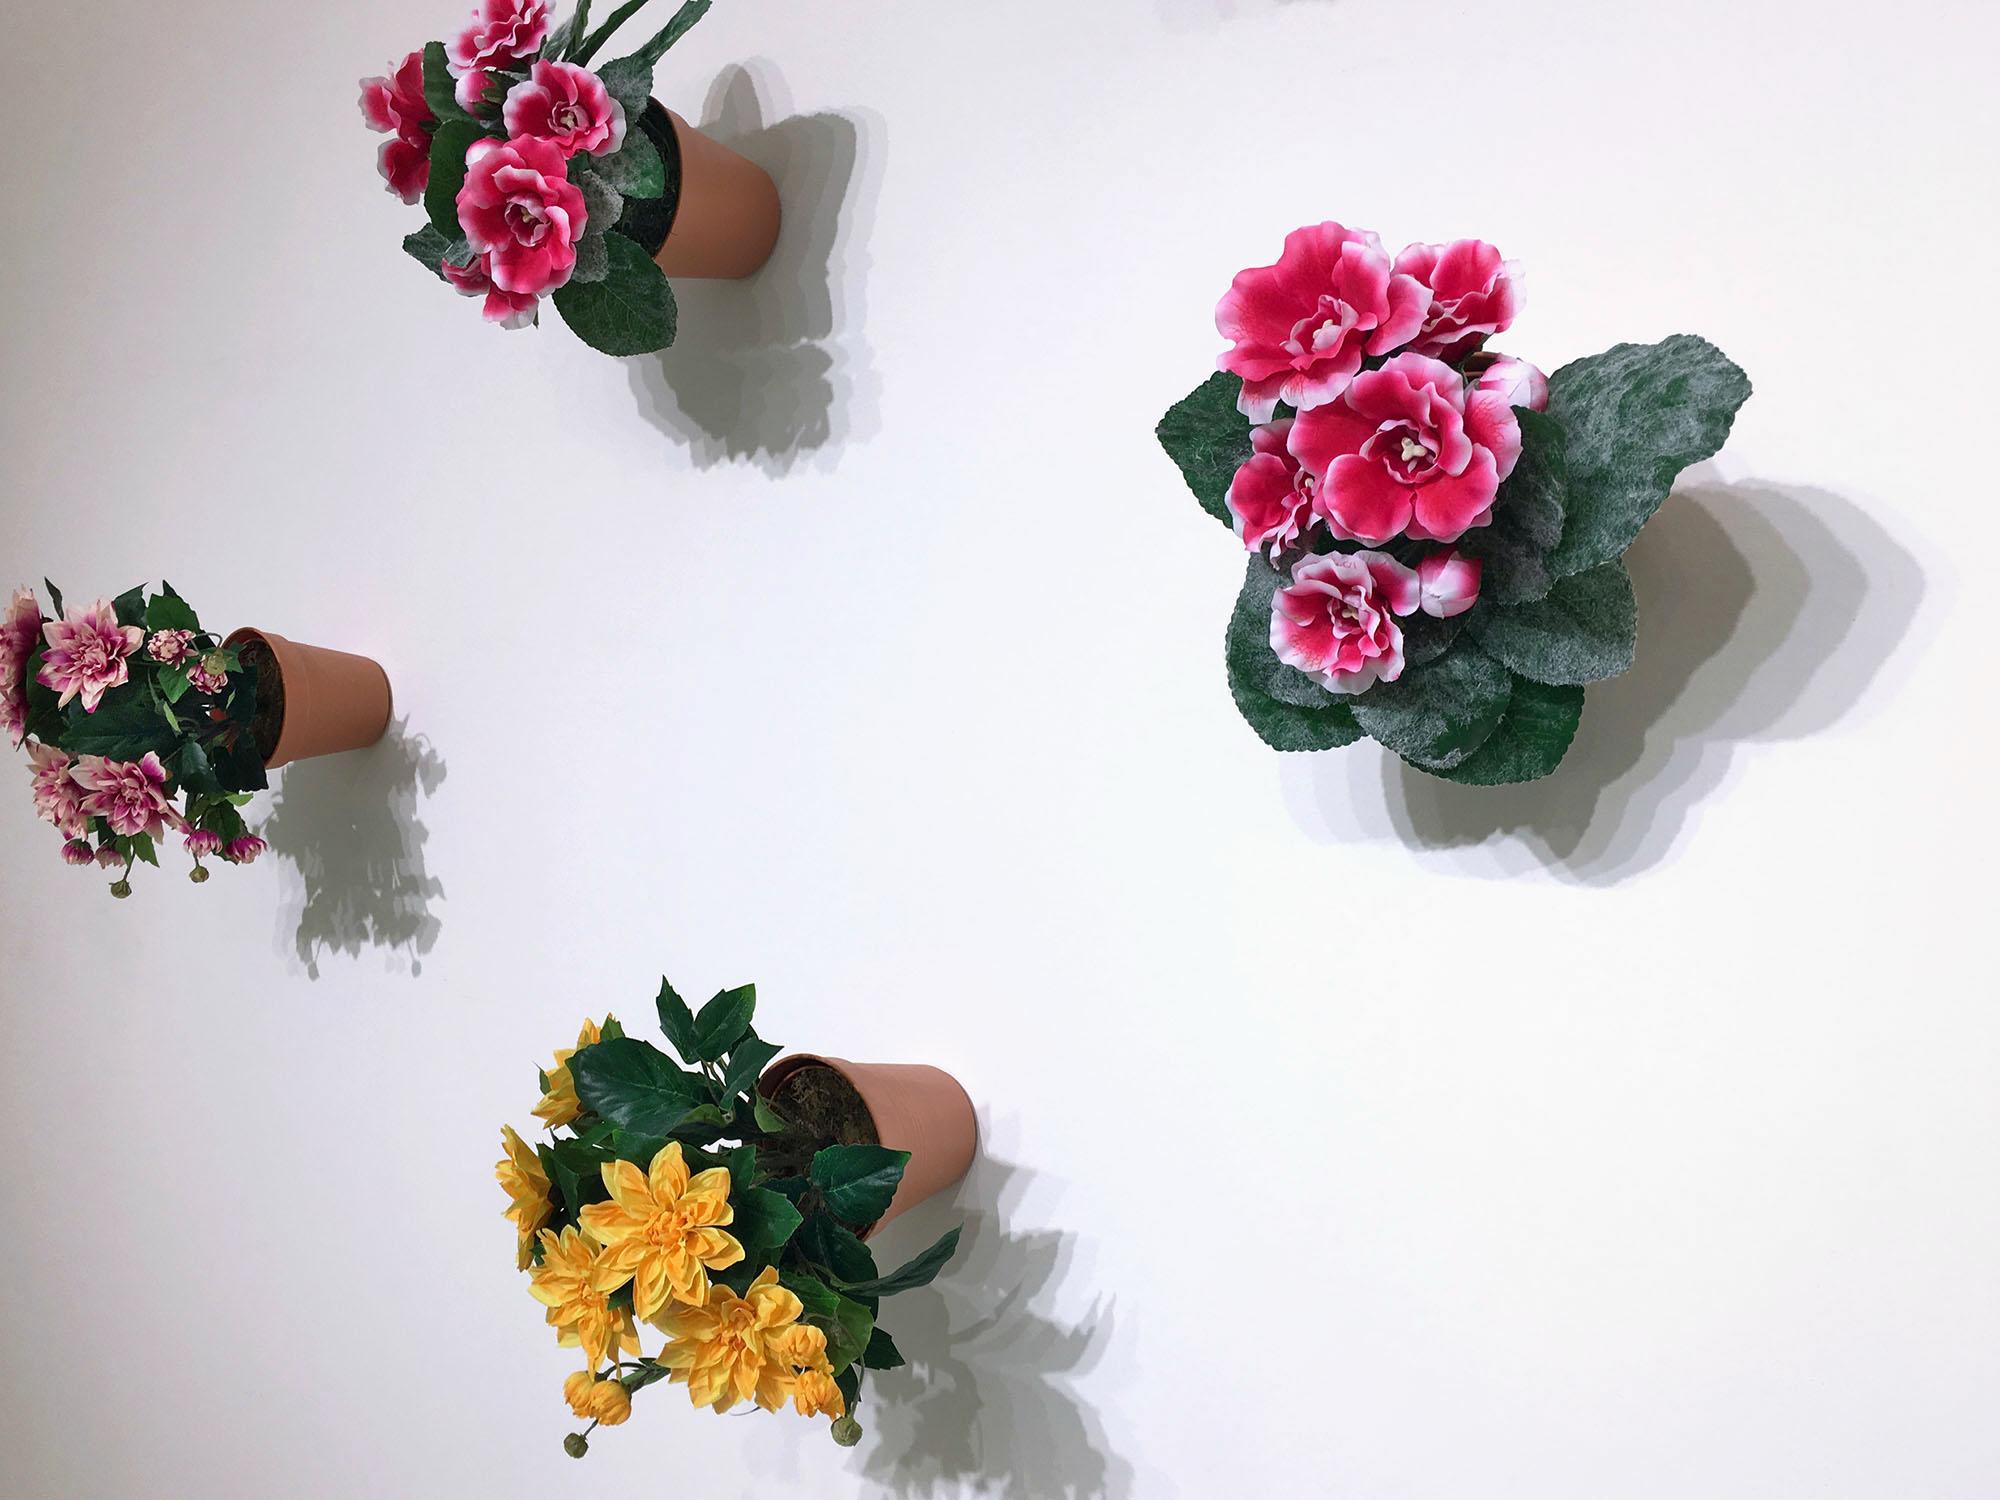 hpf-15-flowerpots-2016